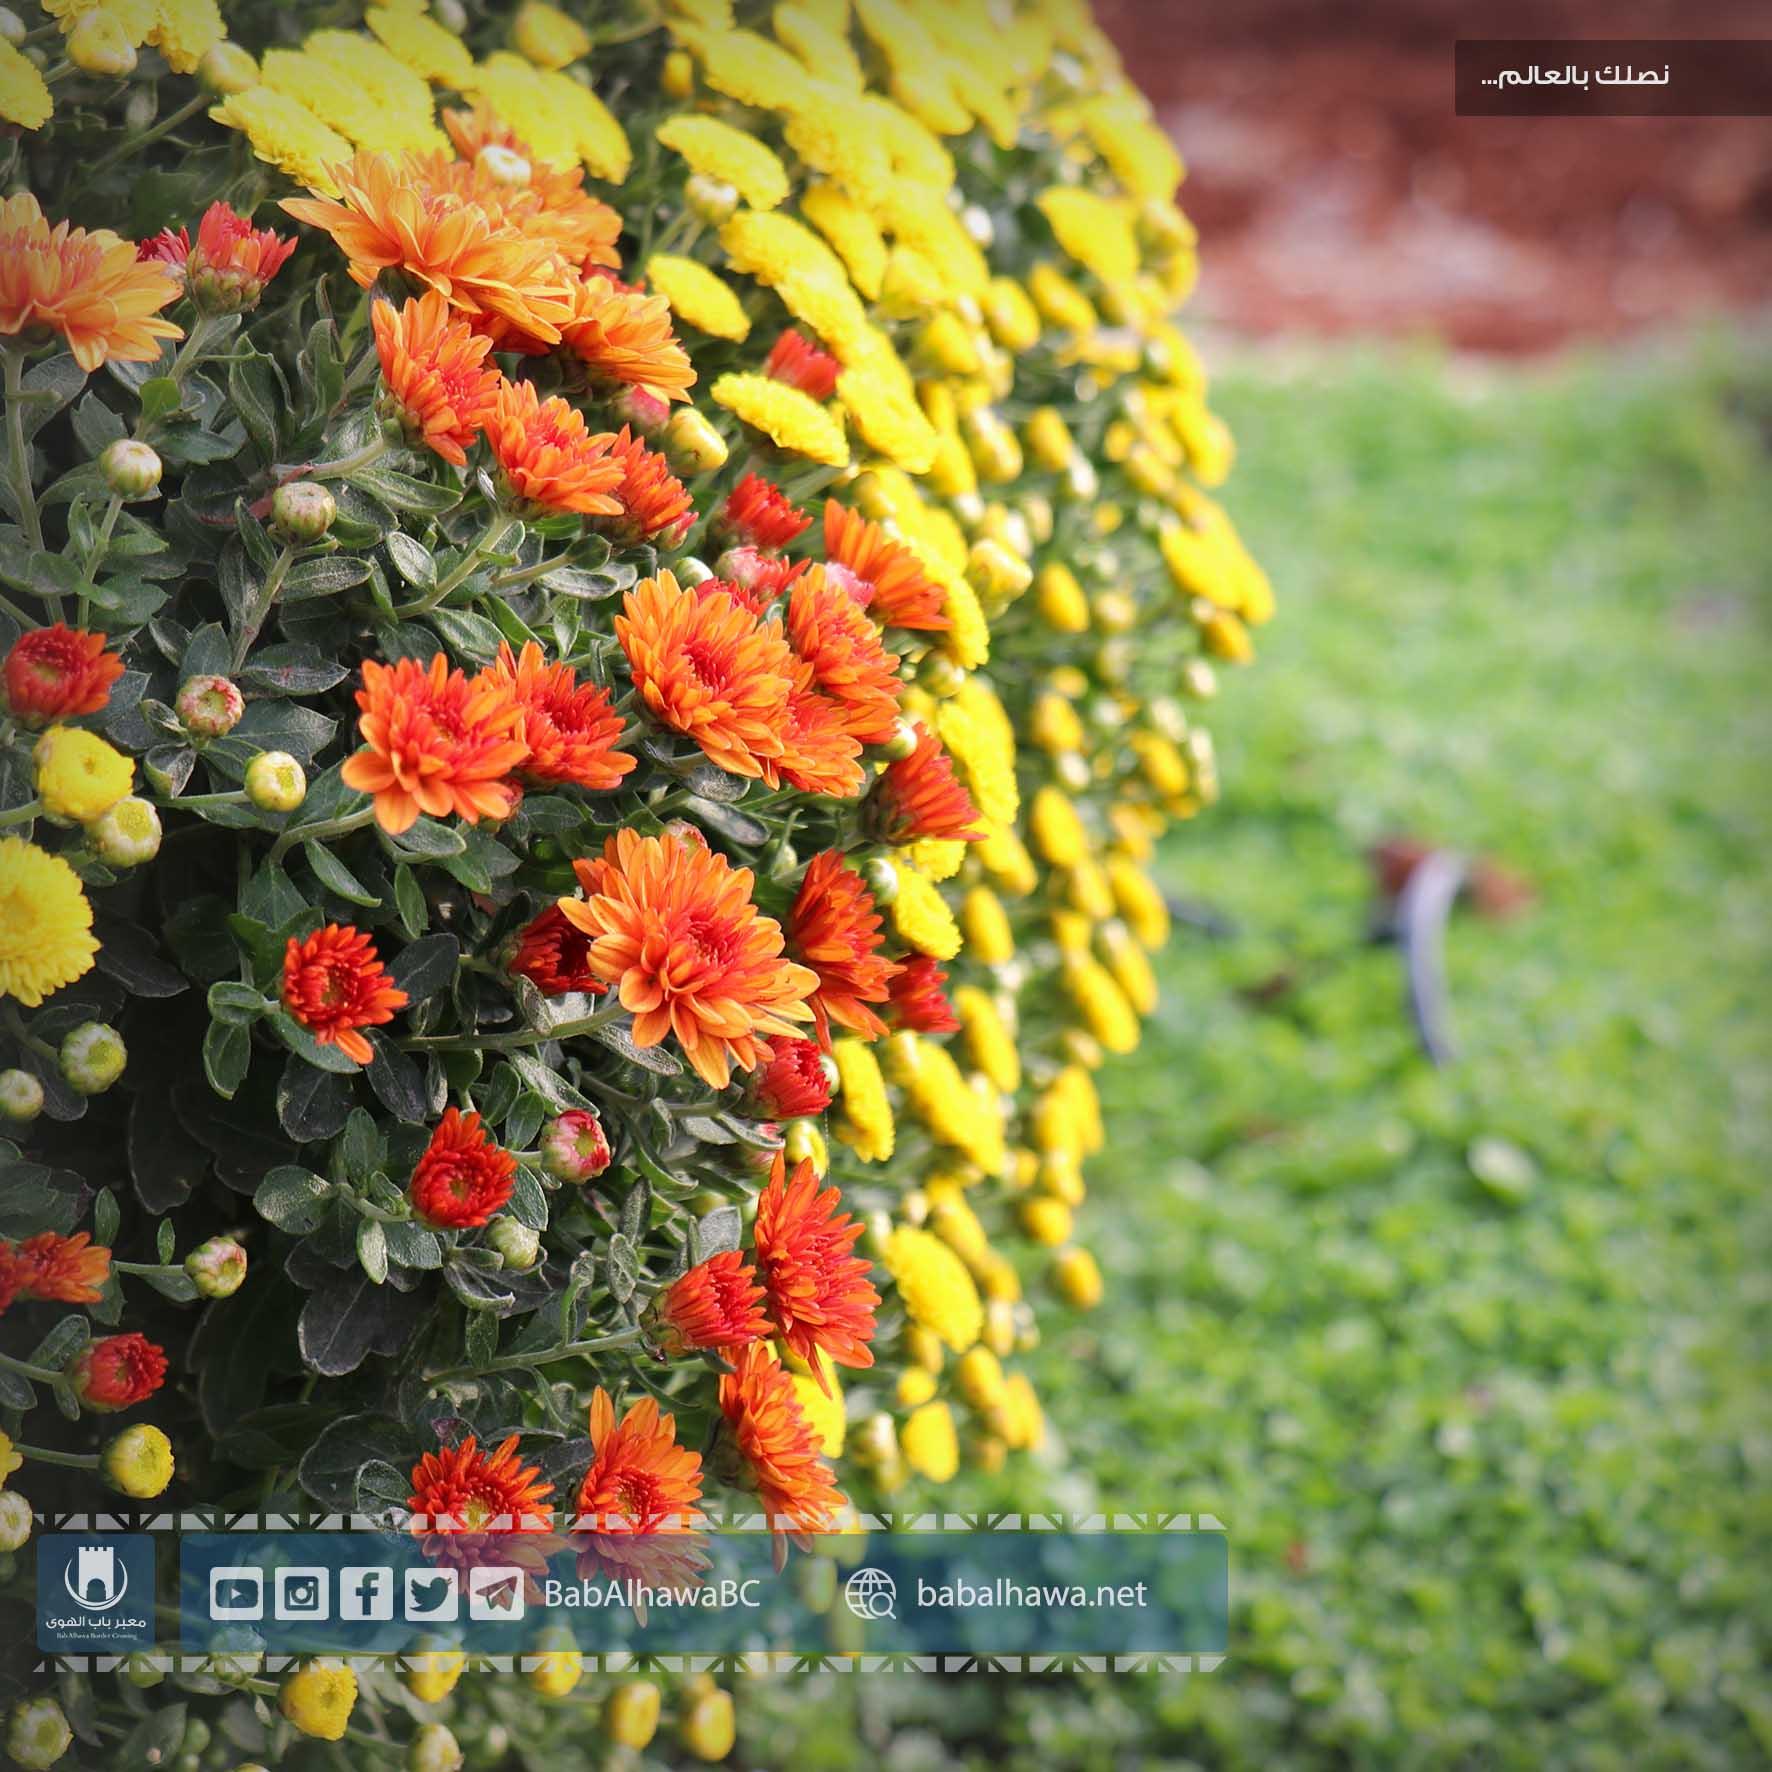 أزهار في حديقة معبر باب الهوى - سورية